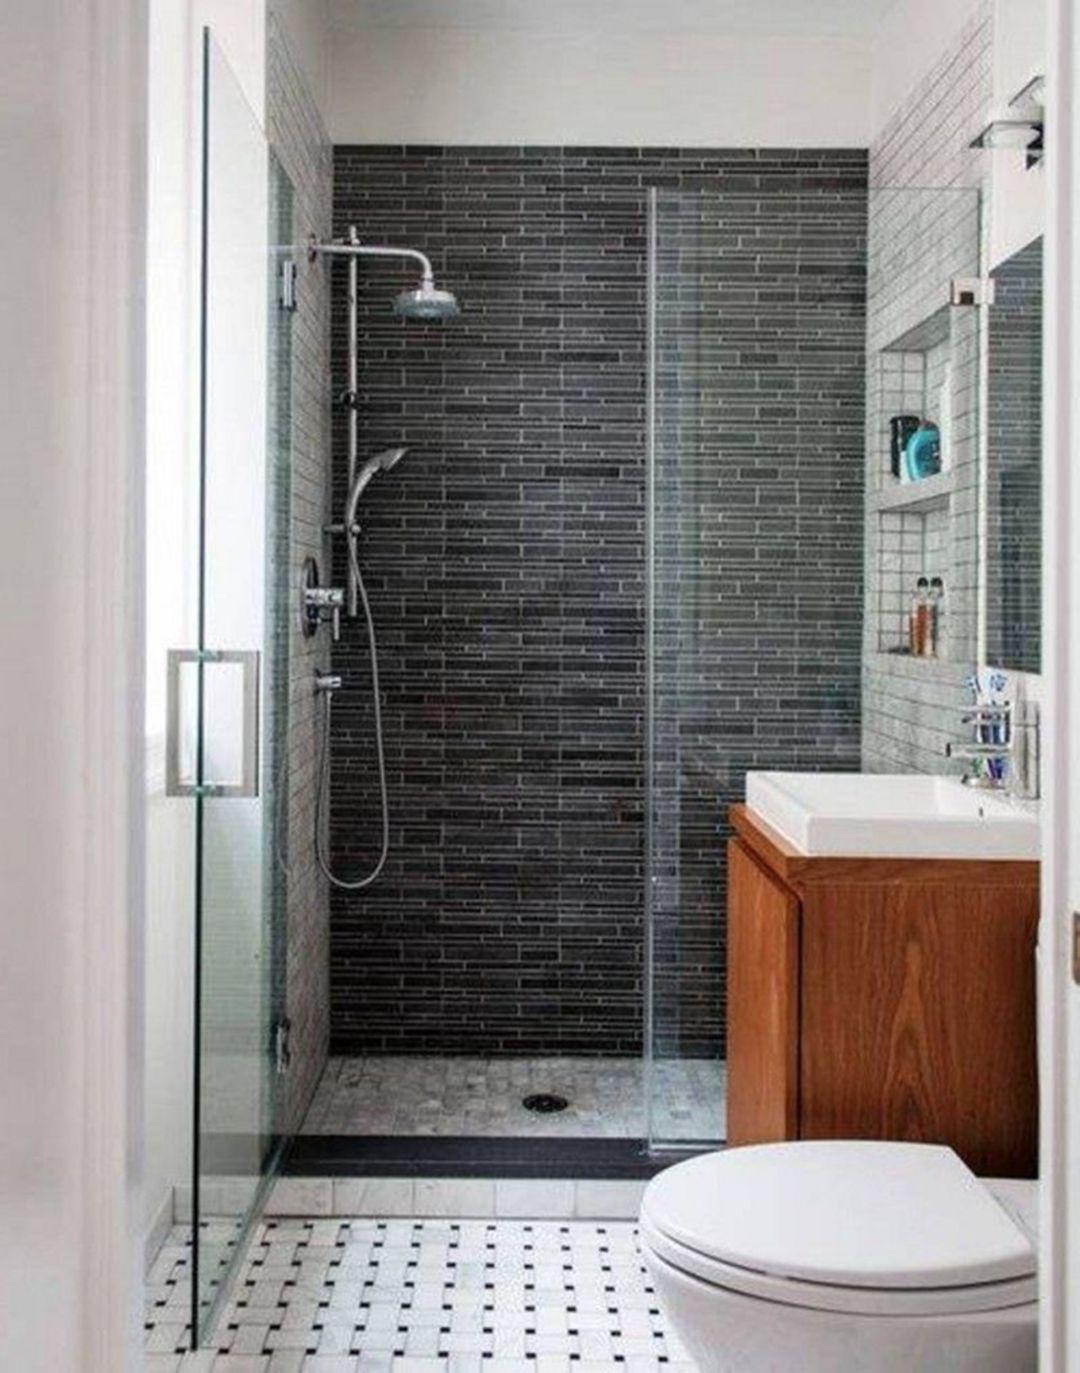 12 Cozy Small Bathroom Designs For